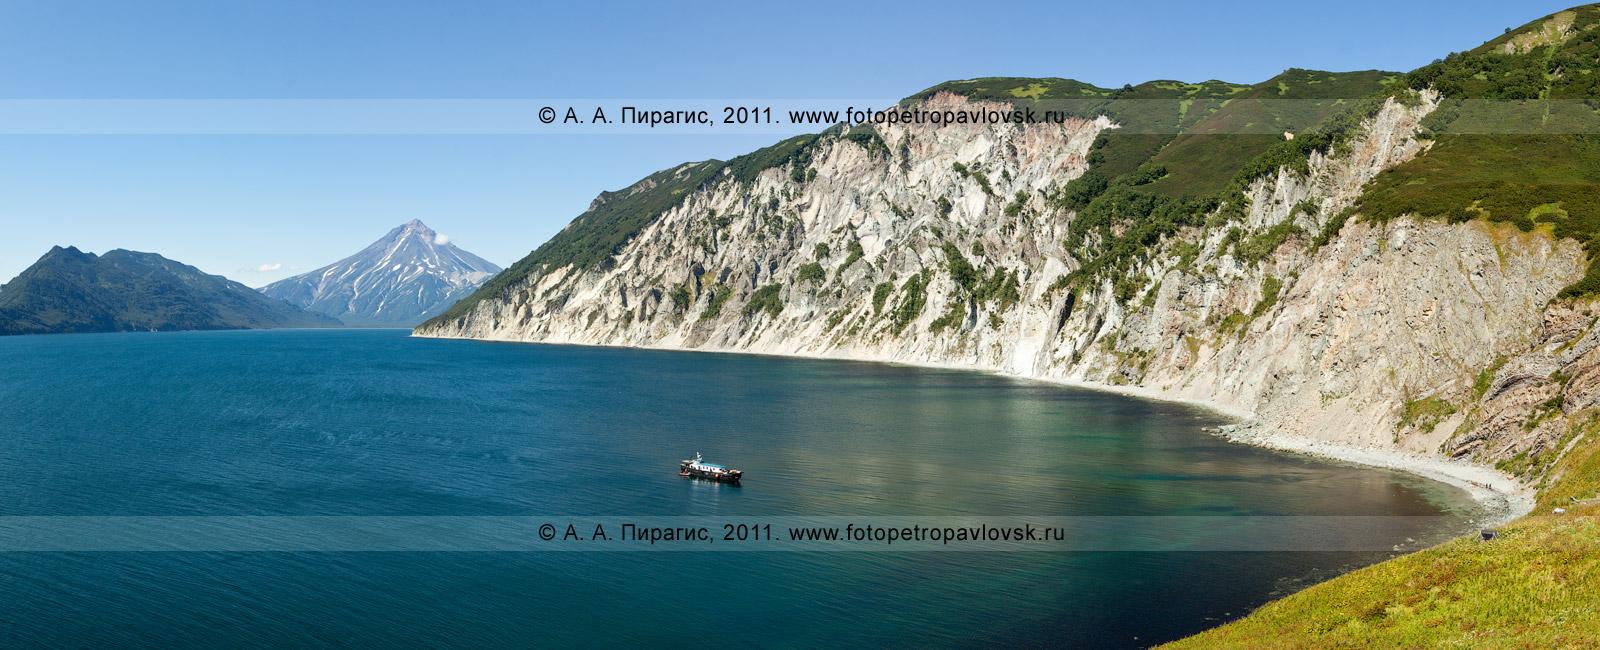 Панорама: бухта Вилючинская и Вилючинский вулкан. Полуостров Камчатка. Фотография сделана с мыса Зеленого